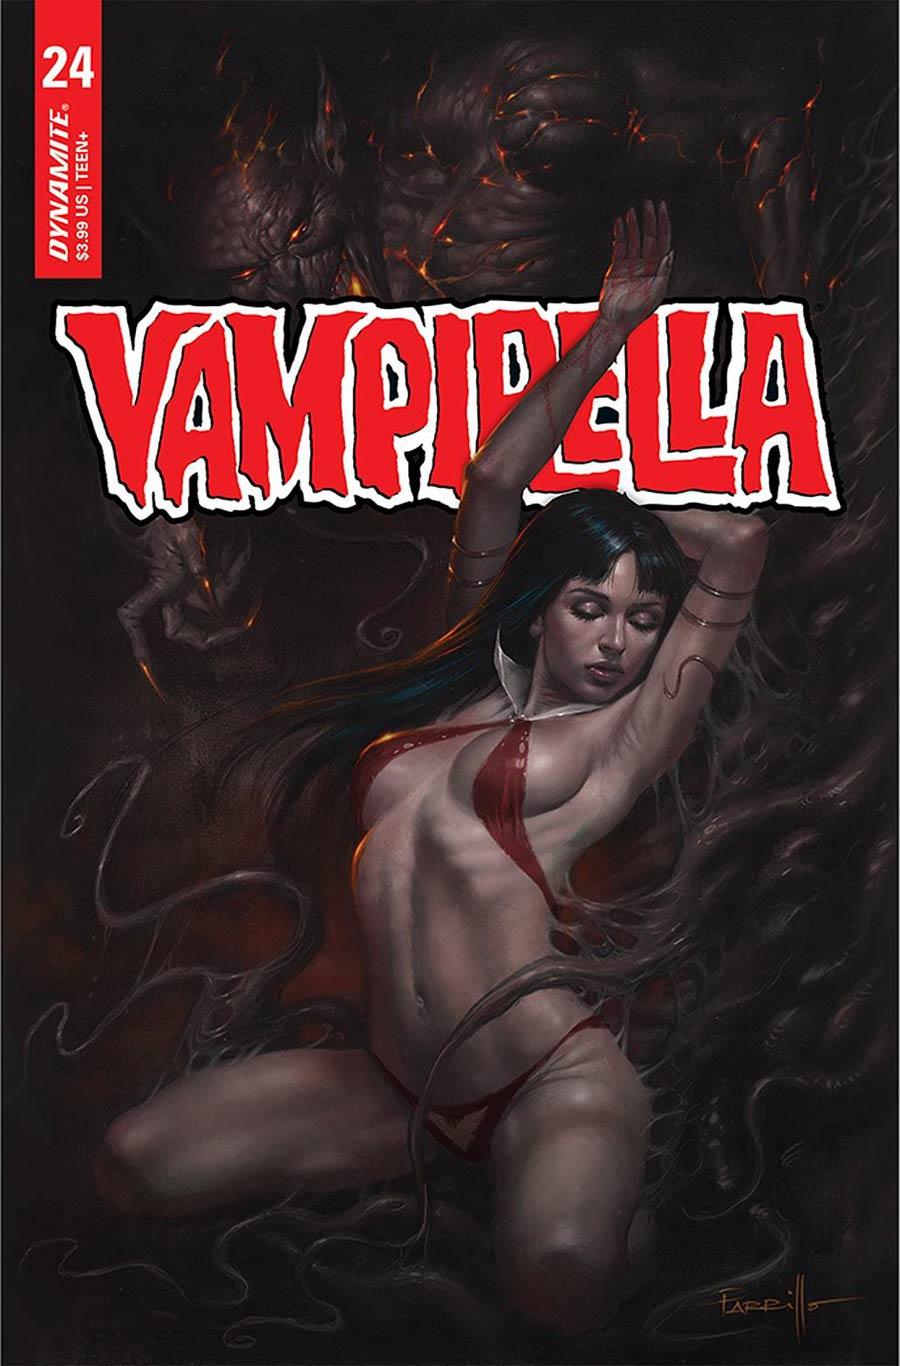 Vampirella Vol 8 #24 Cover A Regular Lucio Parrillo Cover